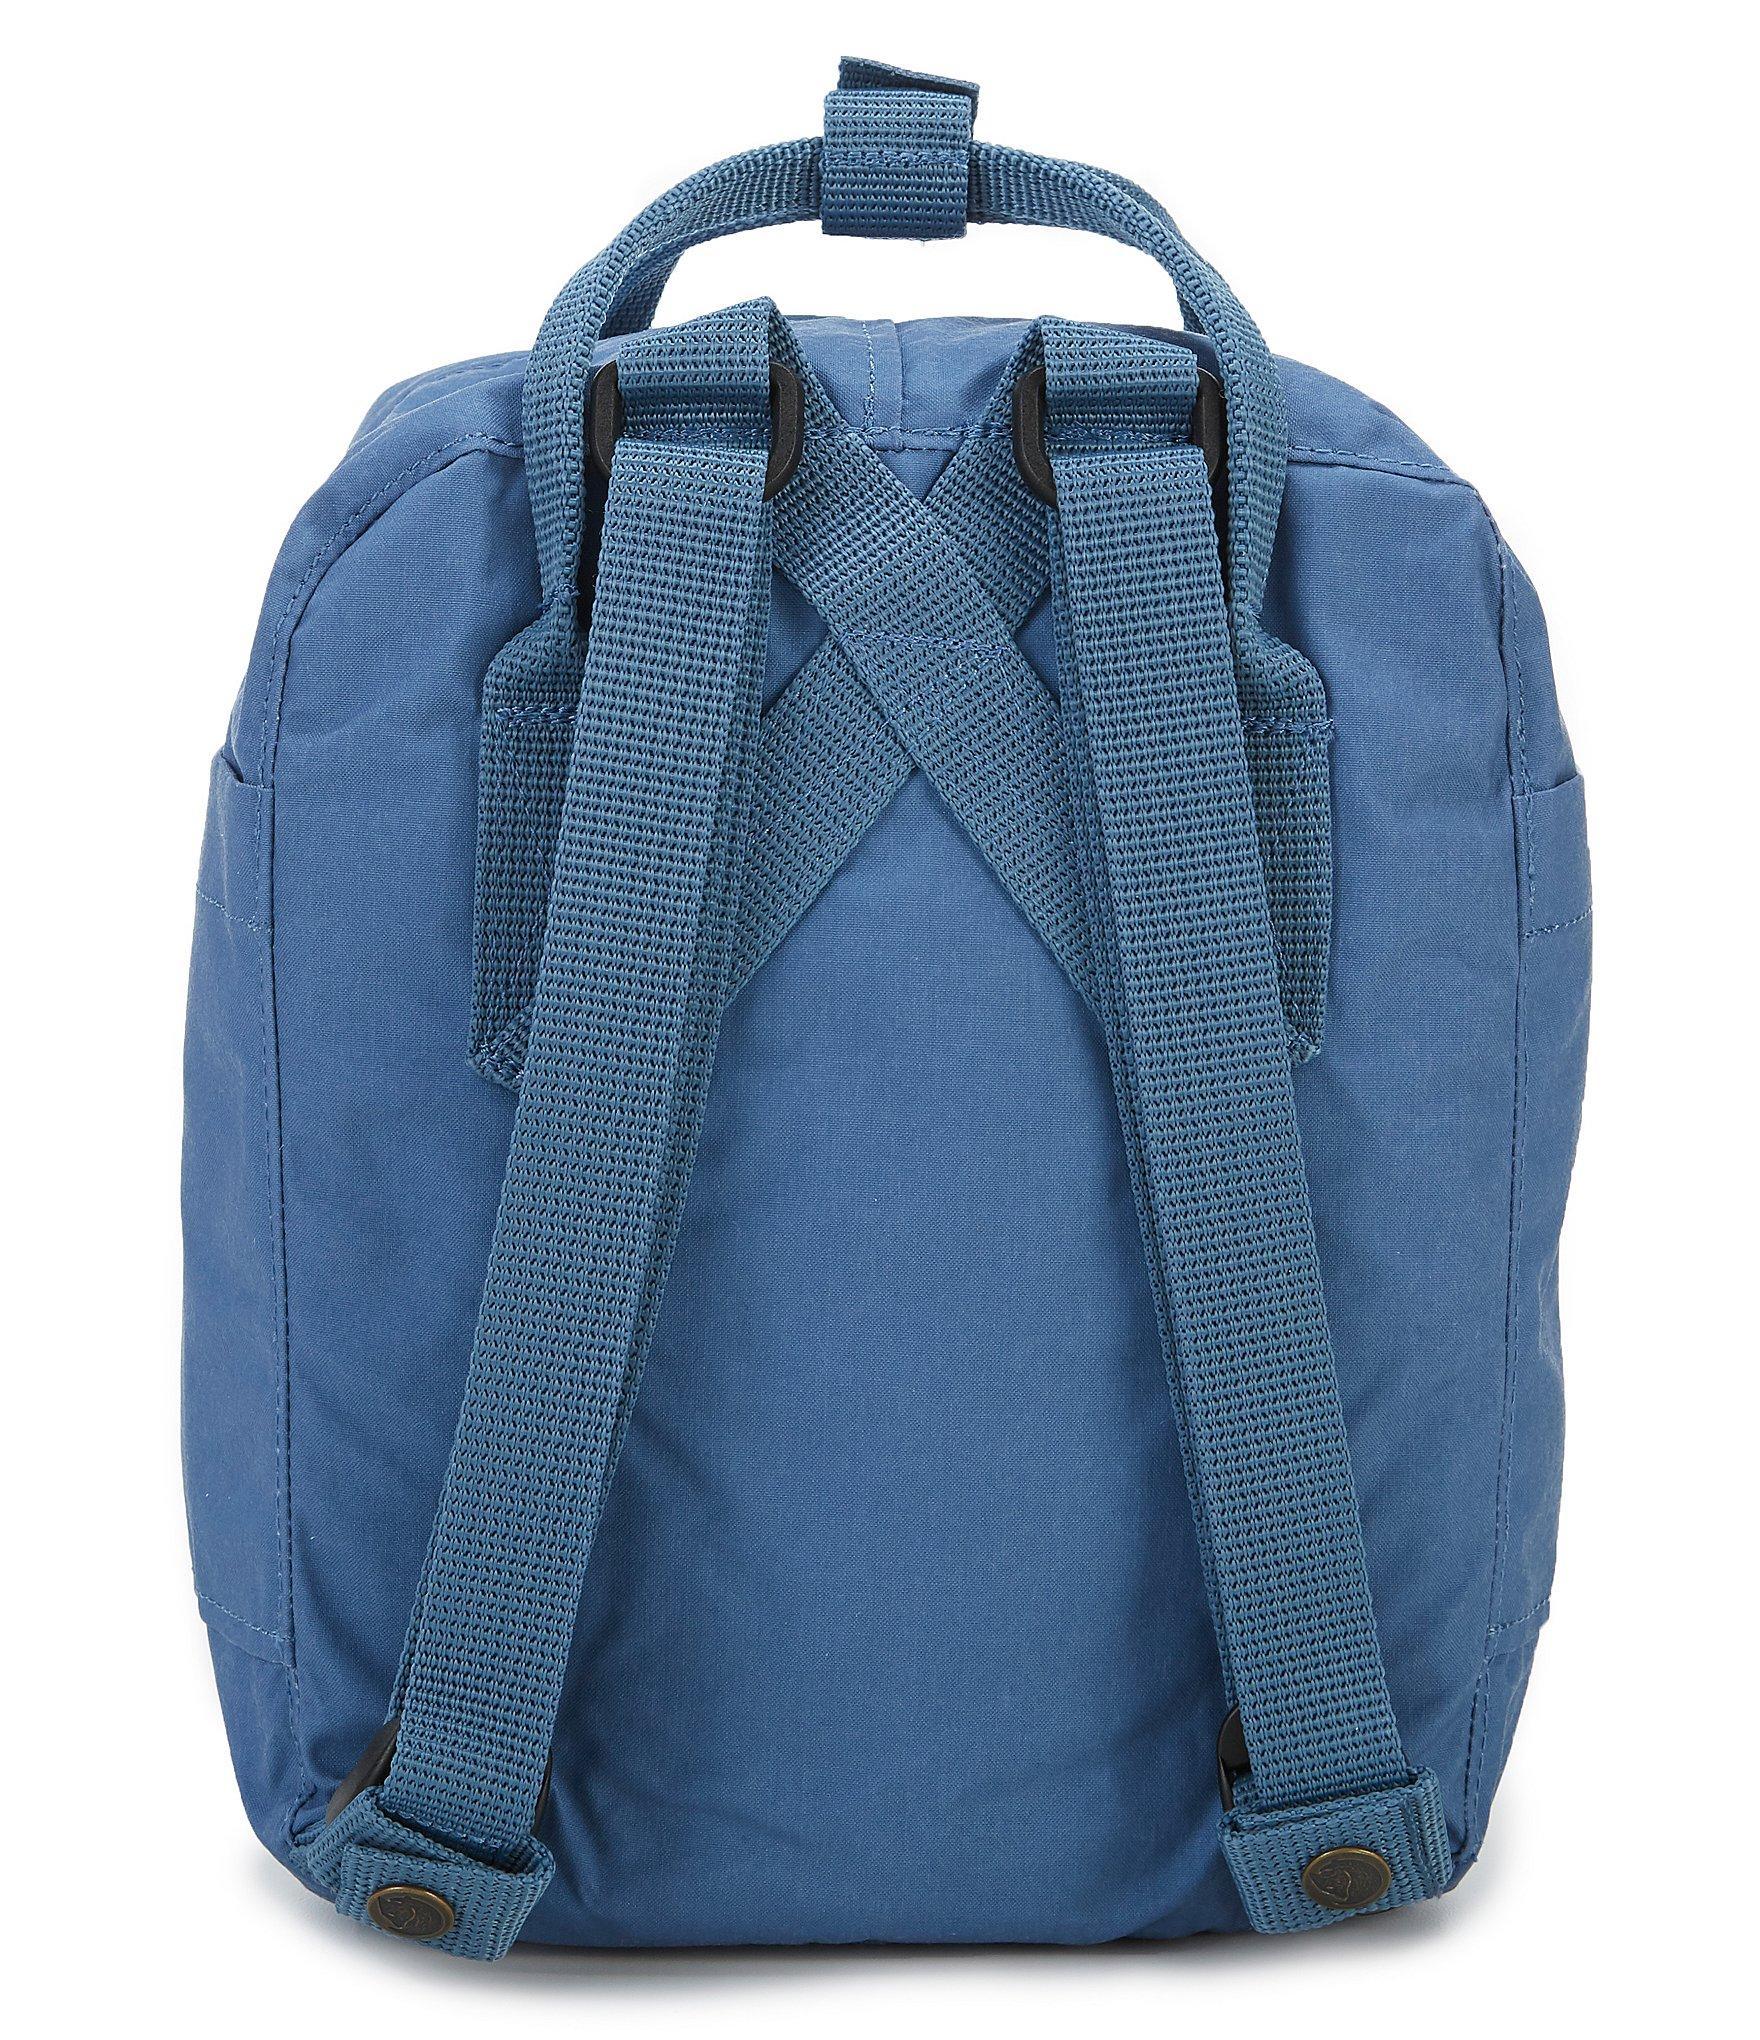 433f5ec5ce4 Fjallraven - Blue Mini Kanken Water-resistant Backpack for Men - Lyst. View  fullscreen